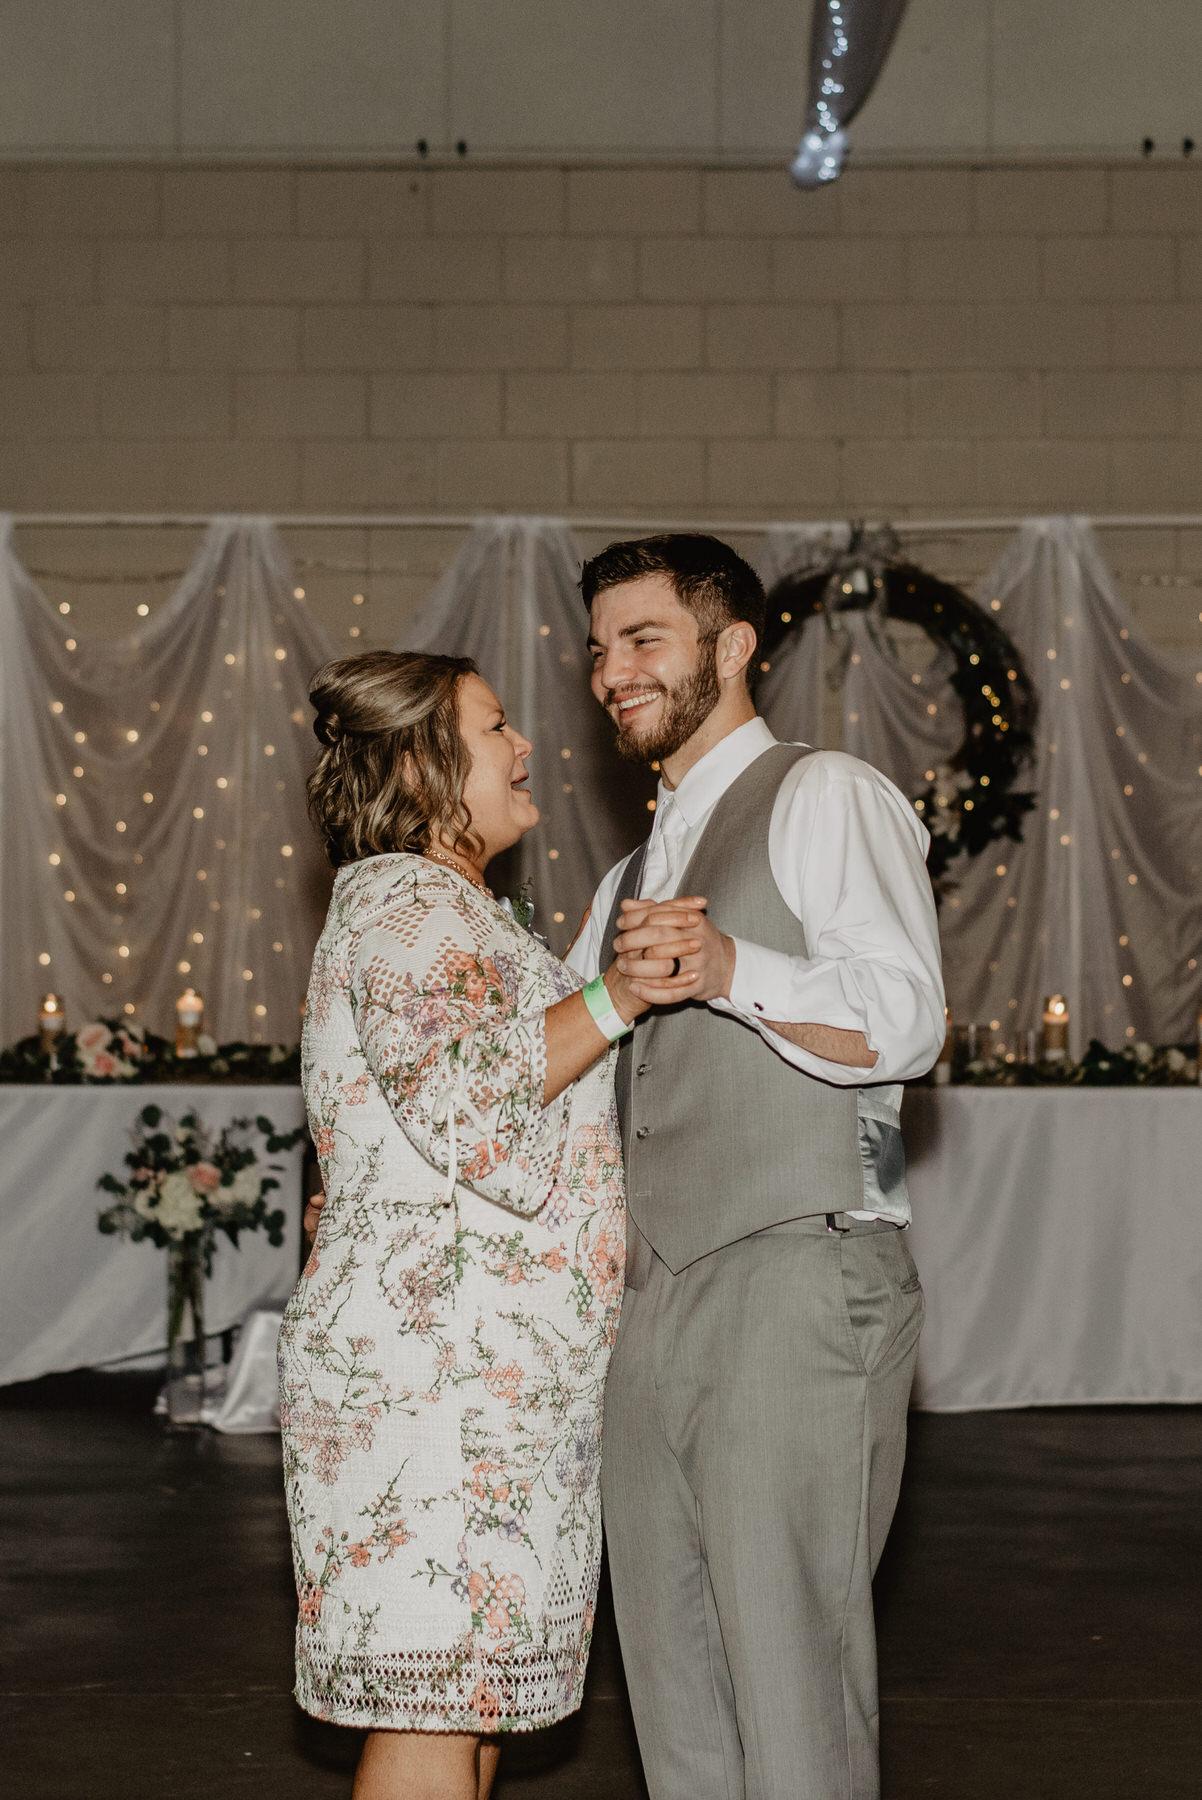 Kaylie-Sirek-Photography-Kearney-Nebraska-Wedding-118.jpg